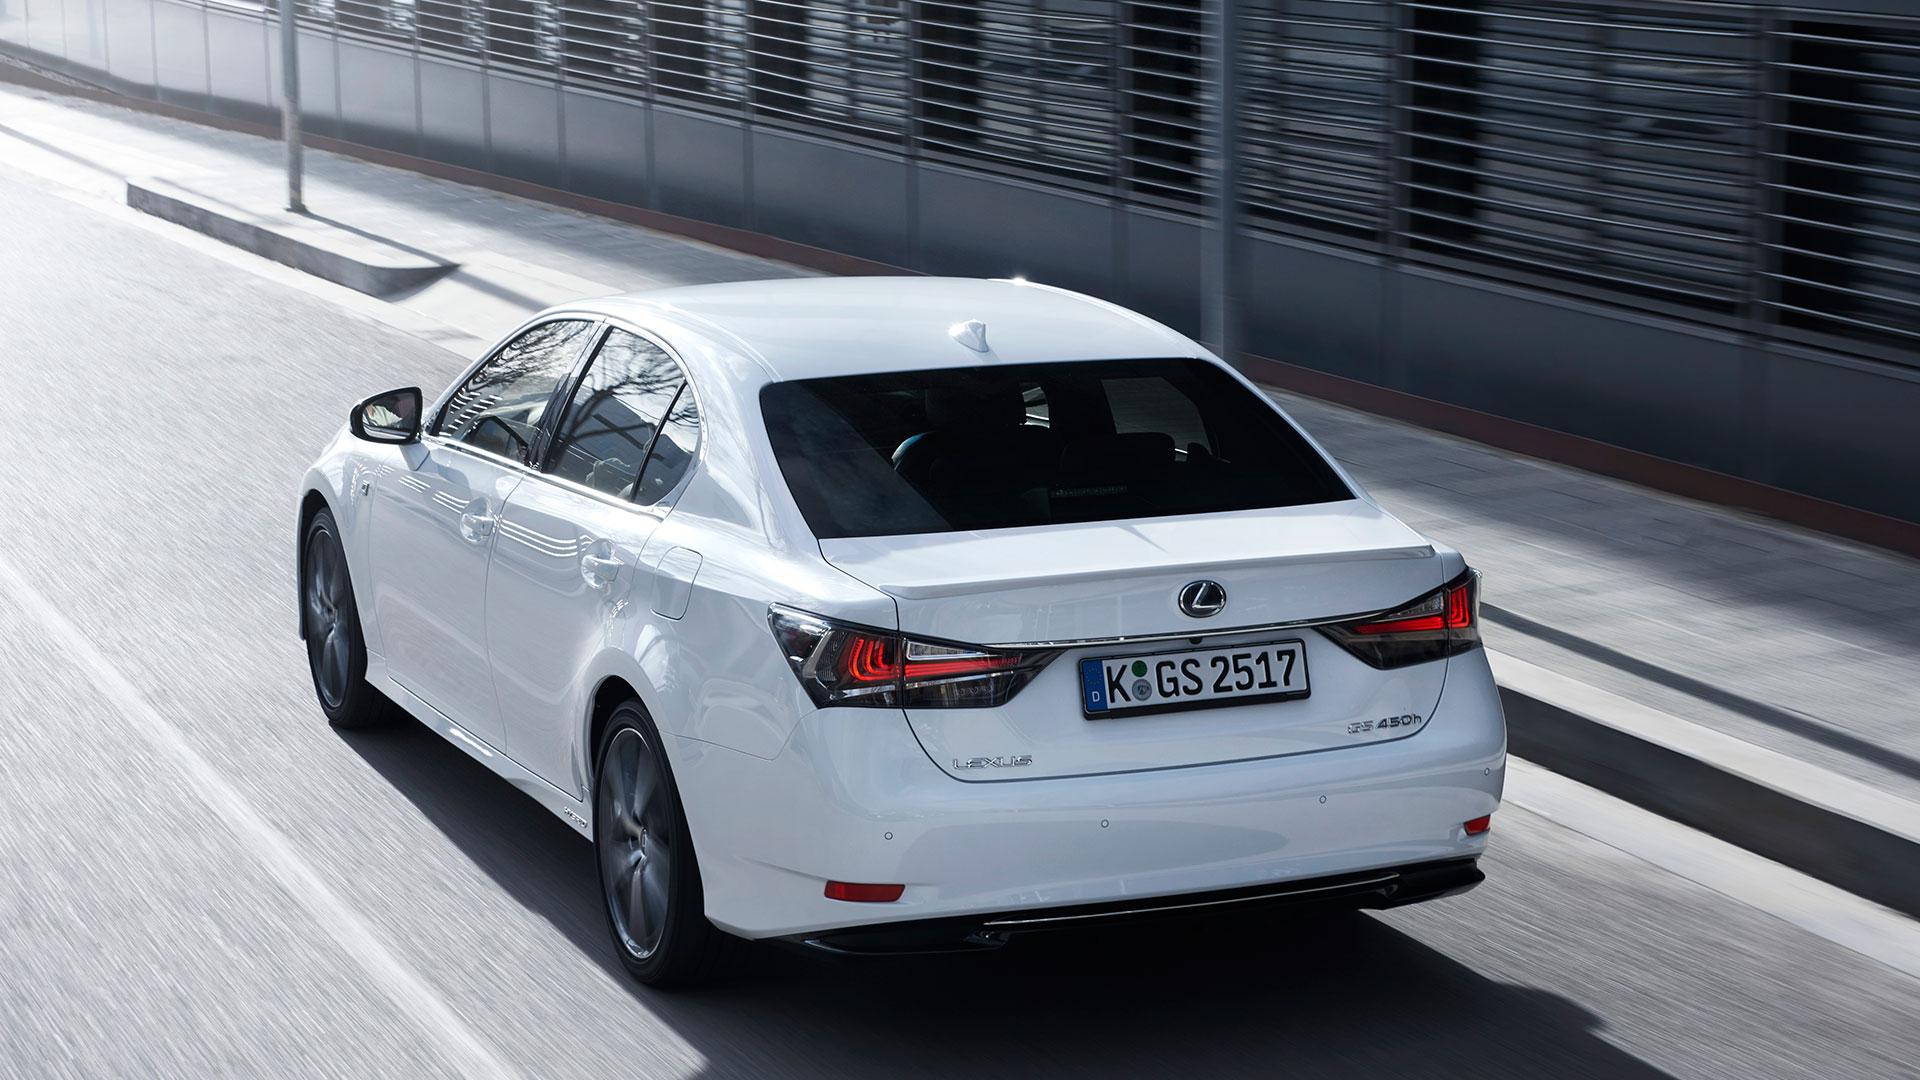 Pedidos del nuevo Lexus GS 450h hero asset